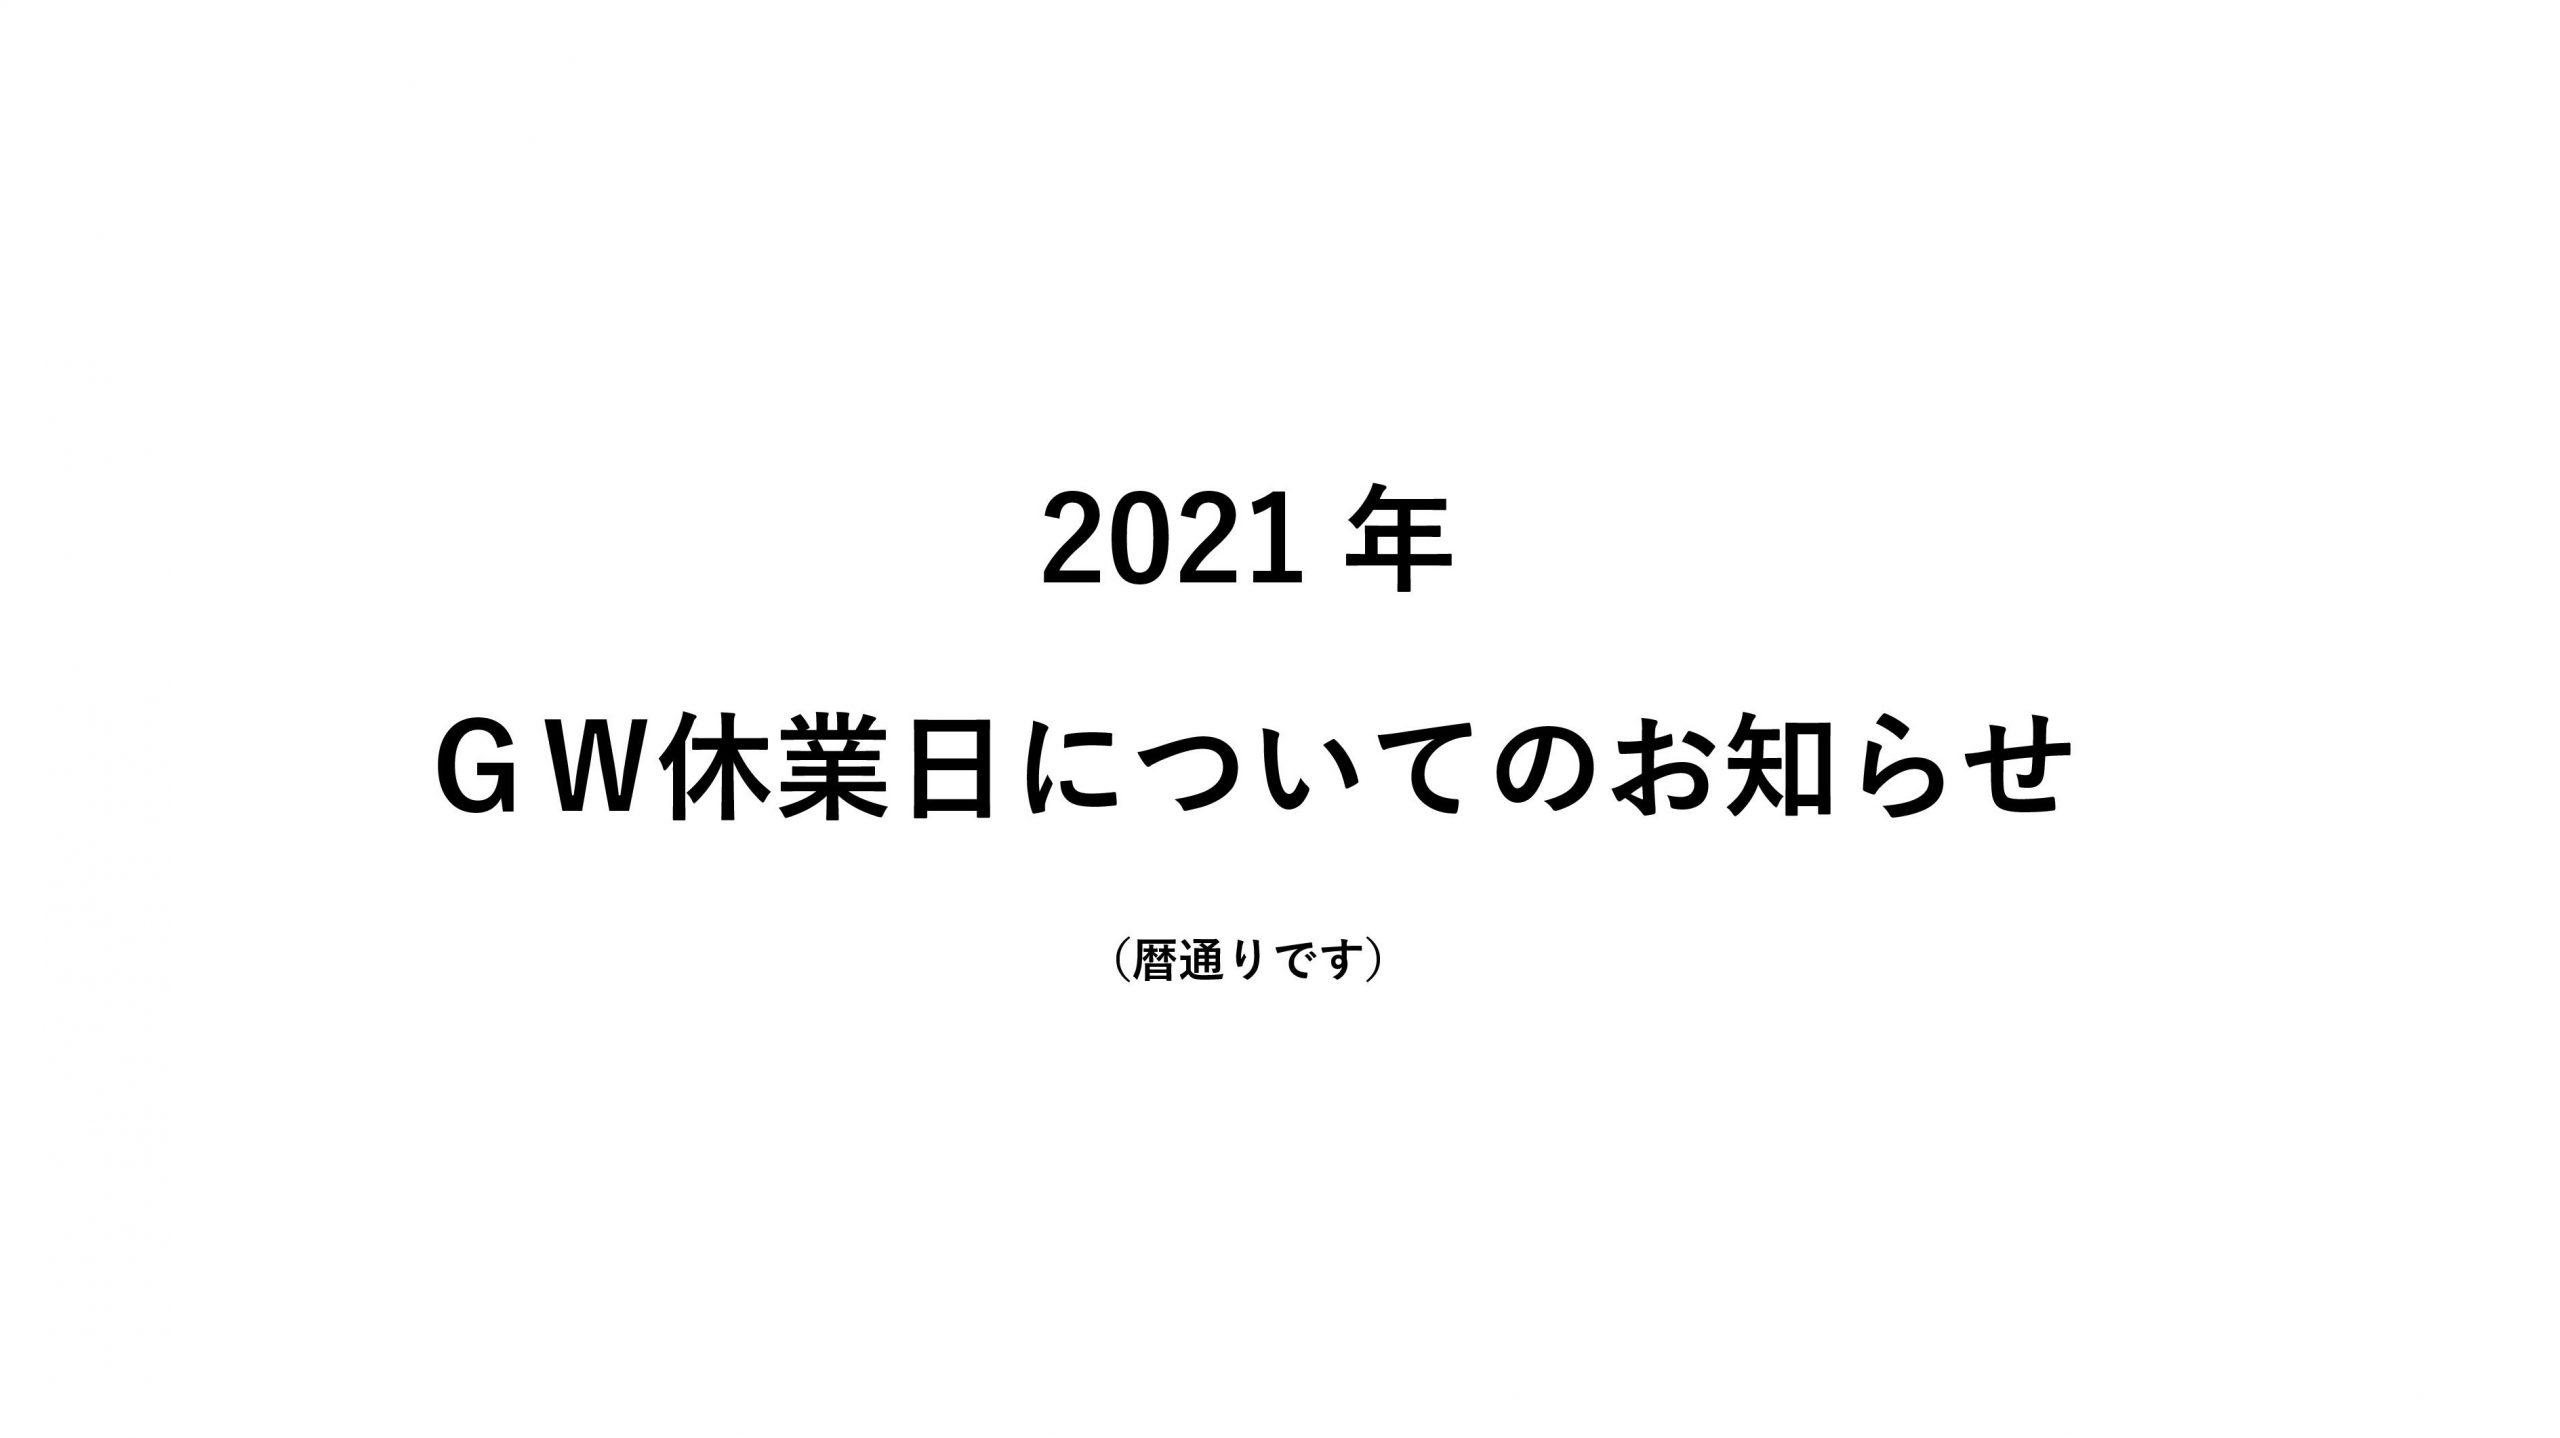 2021年 GW休業日のお知らせ